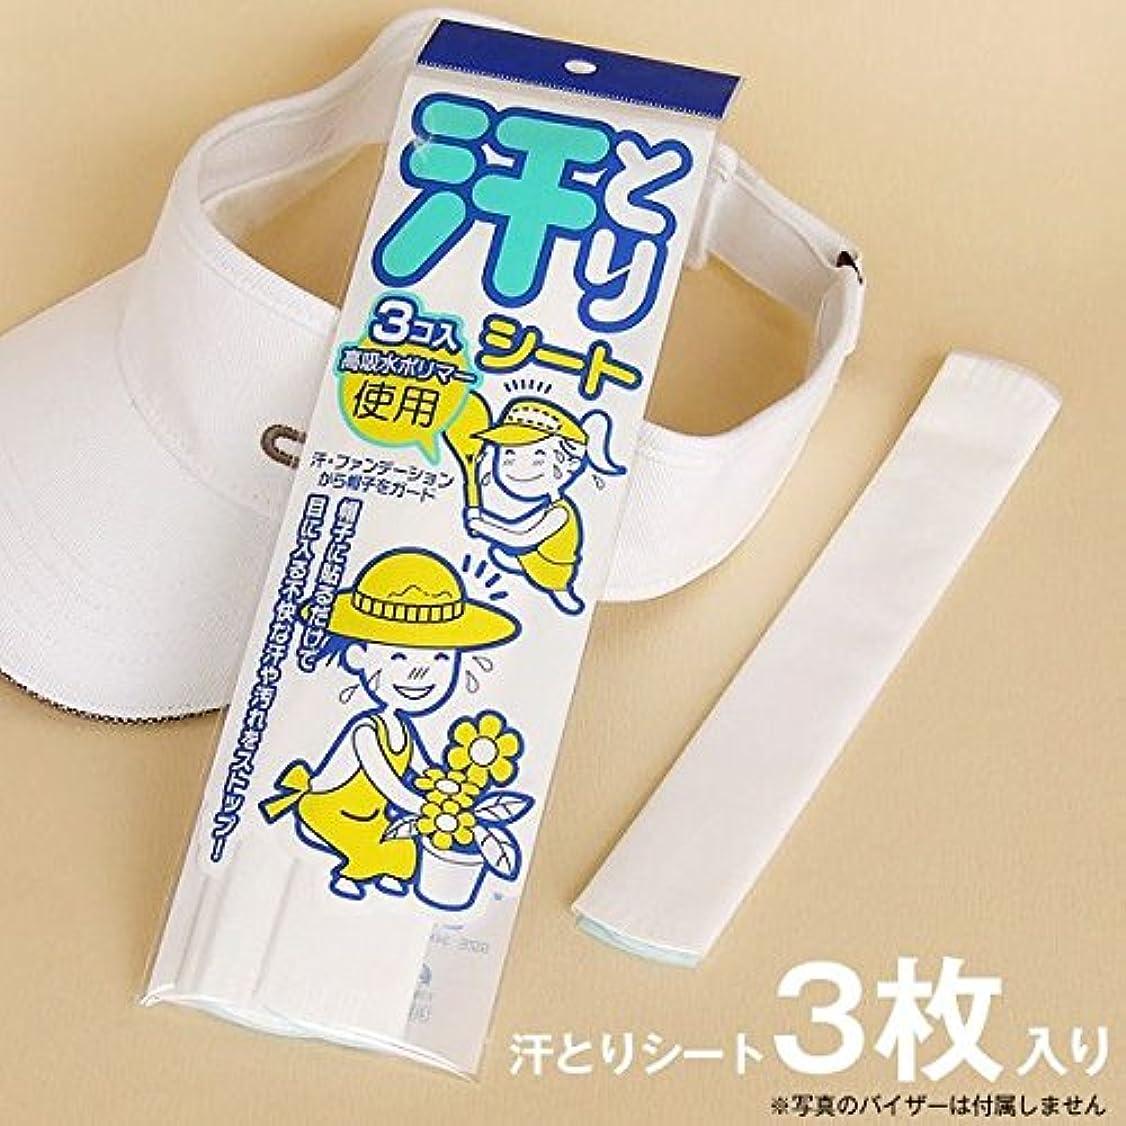 曲大いにビーチ汗取りシート 高吸水ポリマー 使用 帽子 サンバイザー ヘルメット インナー ファンデーション付着 防止 シャツ えり(日本製) (3個入り×3パック)